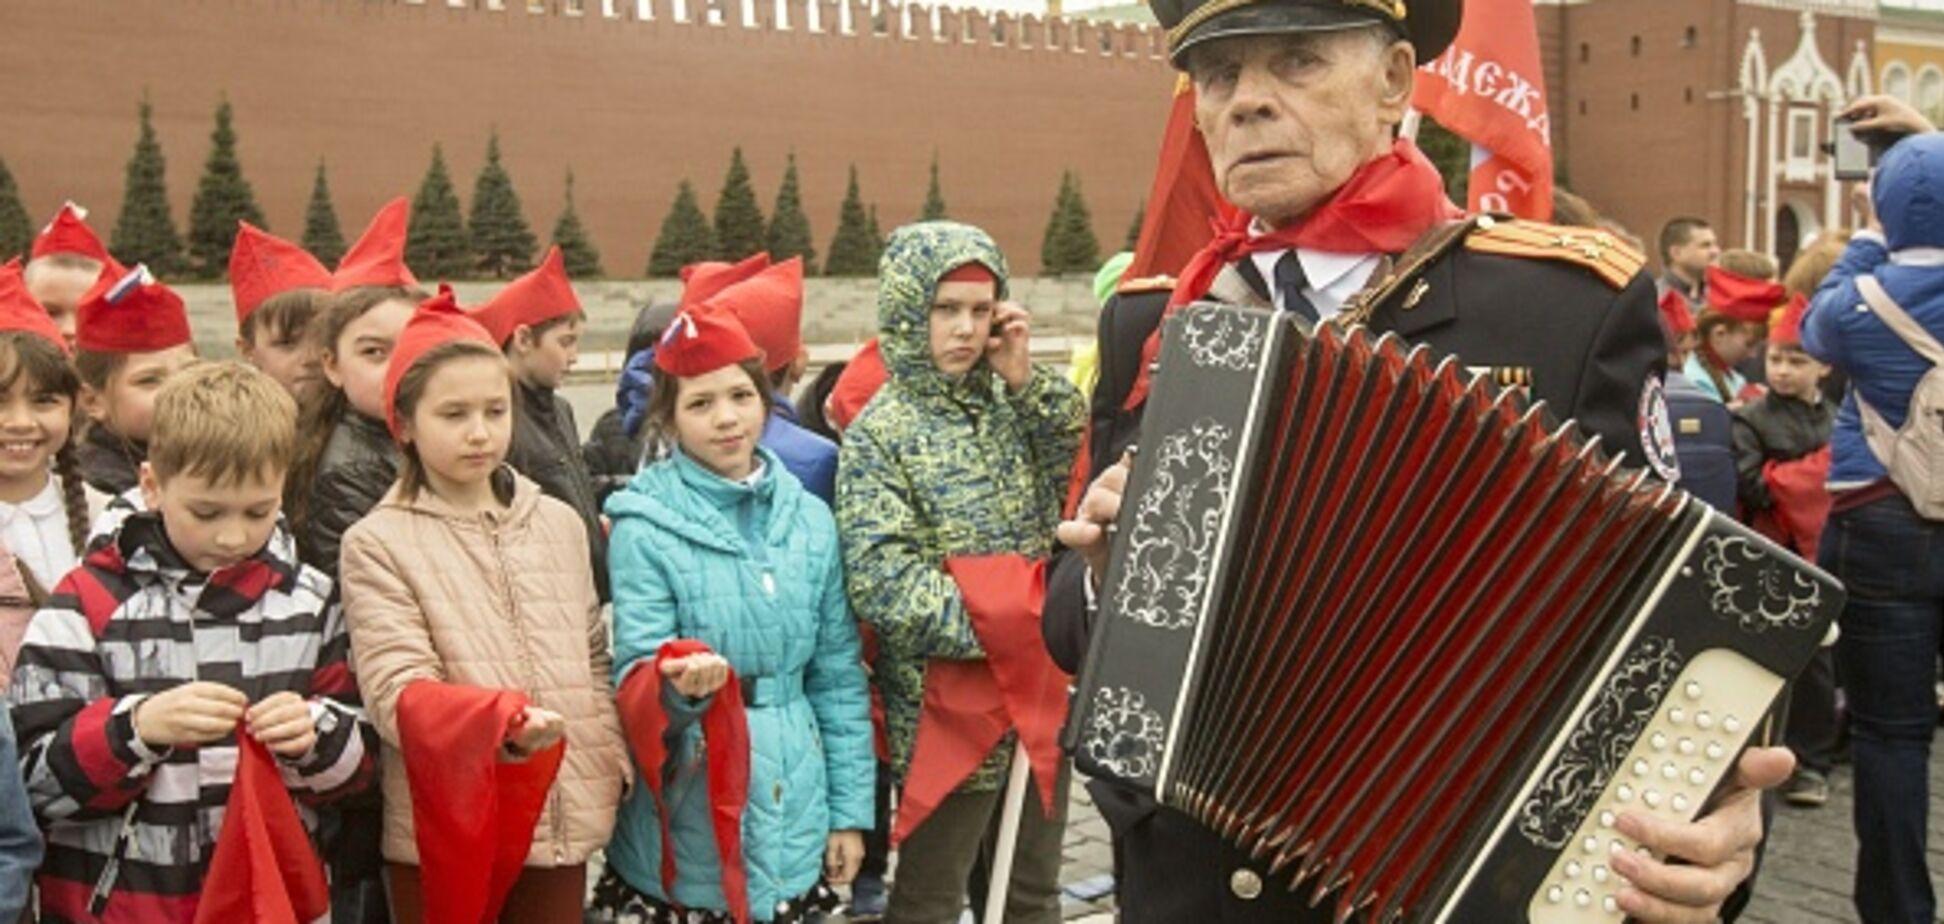 Бедные дети: сеть шокировало видео с телеканала 'ДНР'